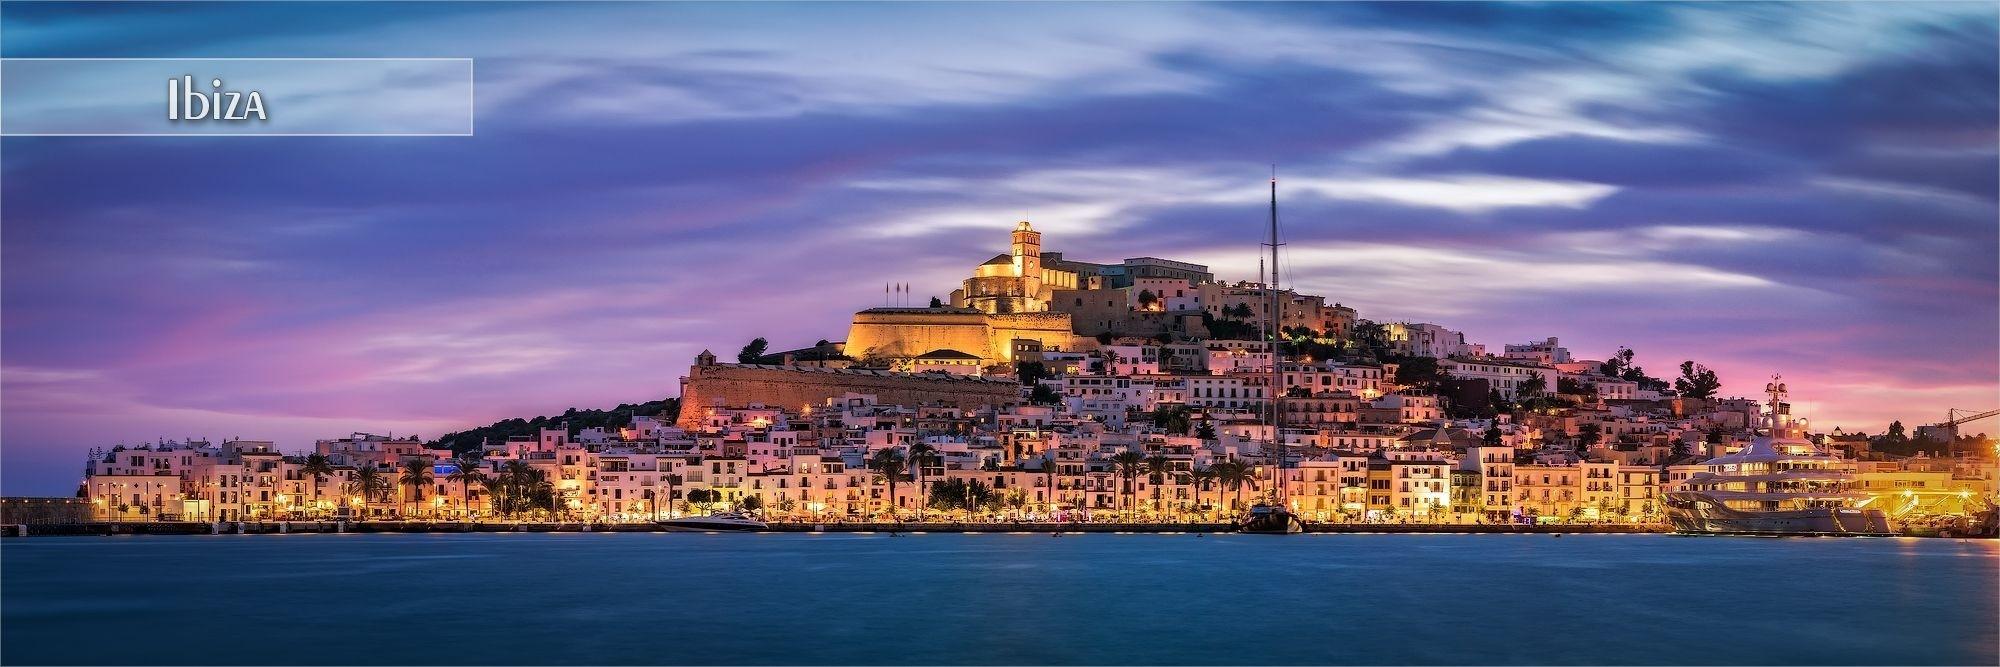 Bilder als Wandbild oder Küchenrückwand aus Ibiza